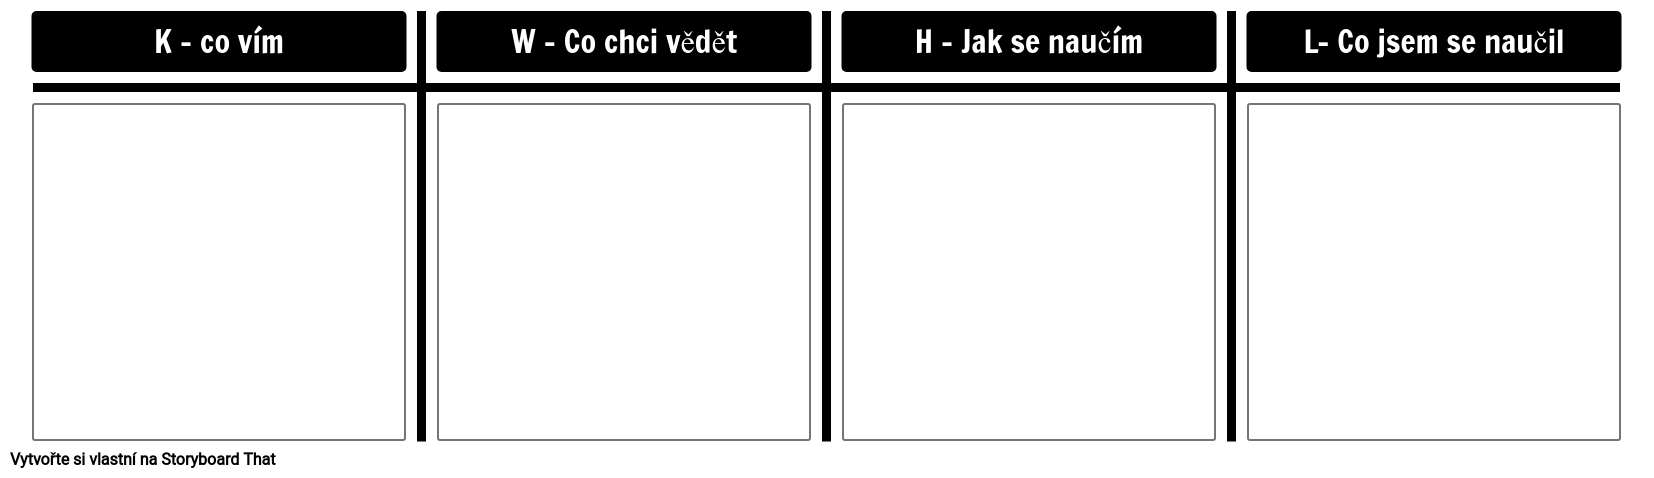 Šablona Grafu KWHL